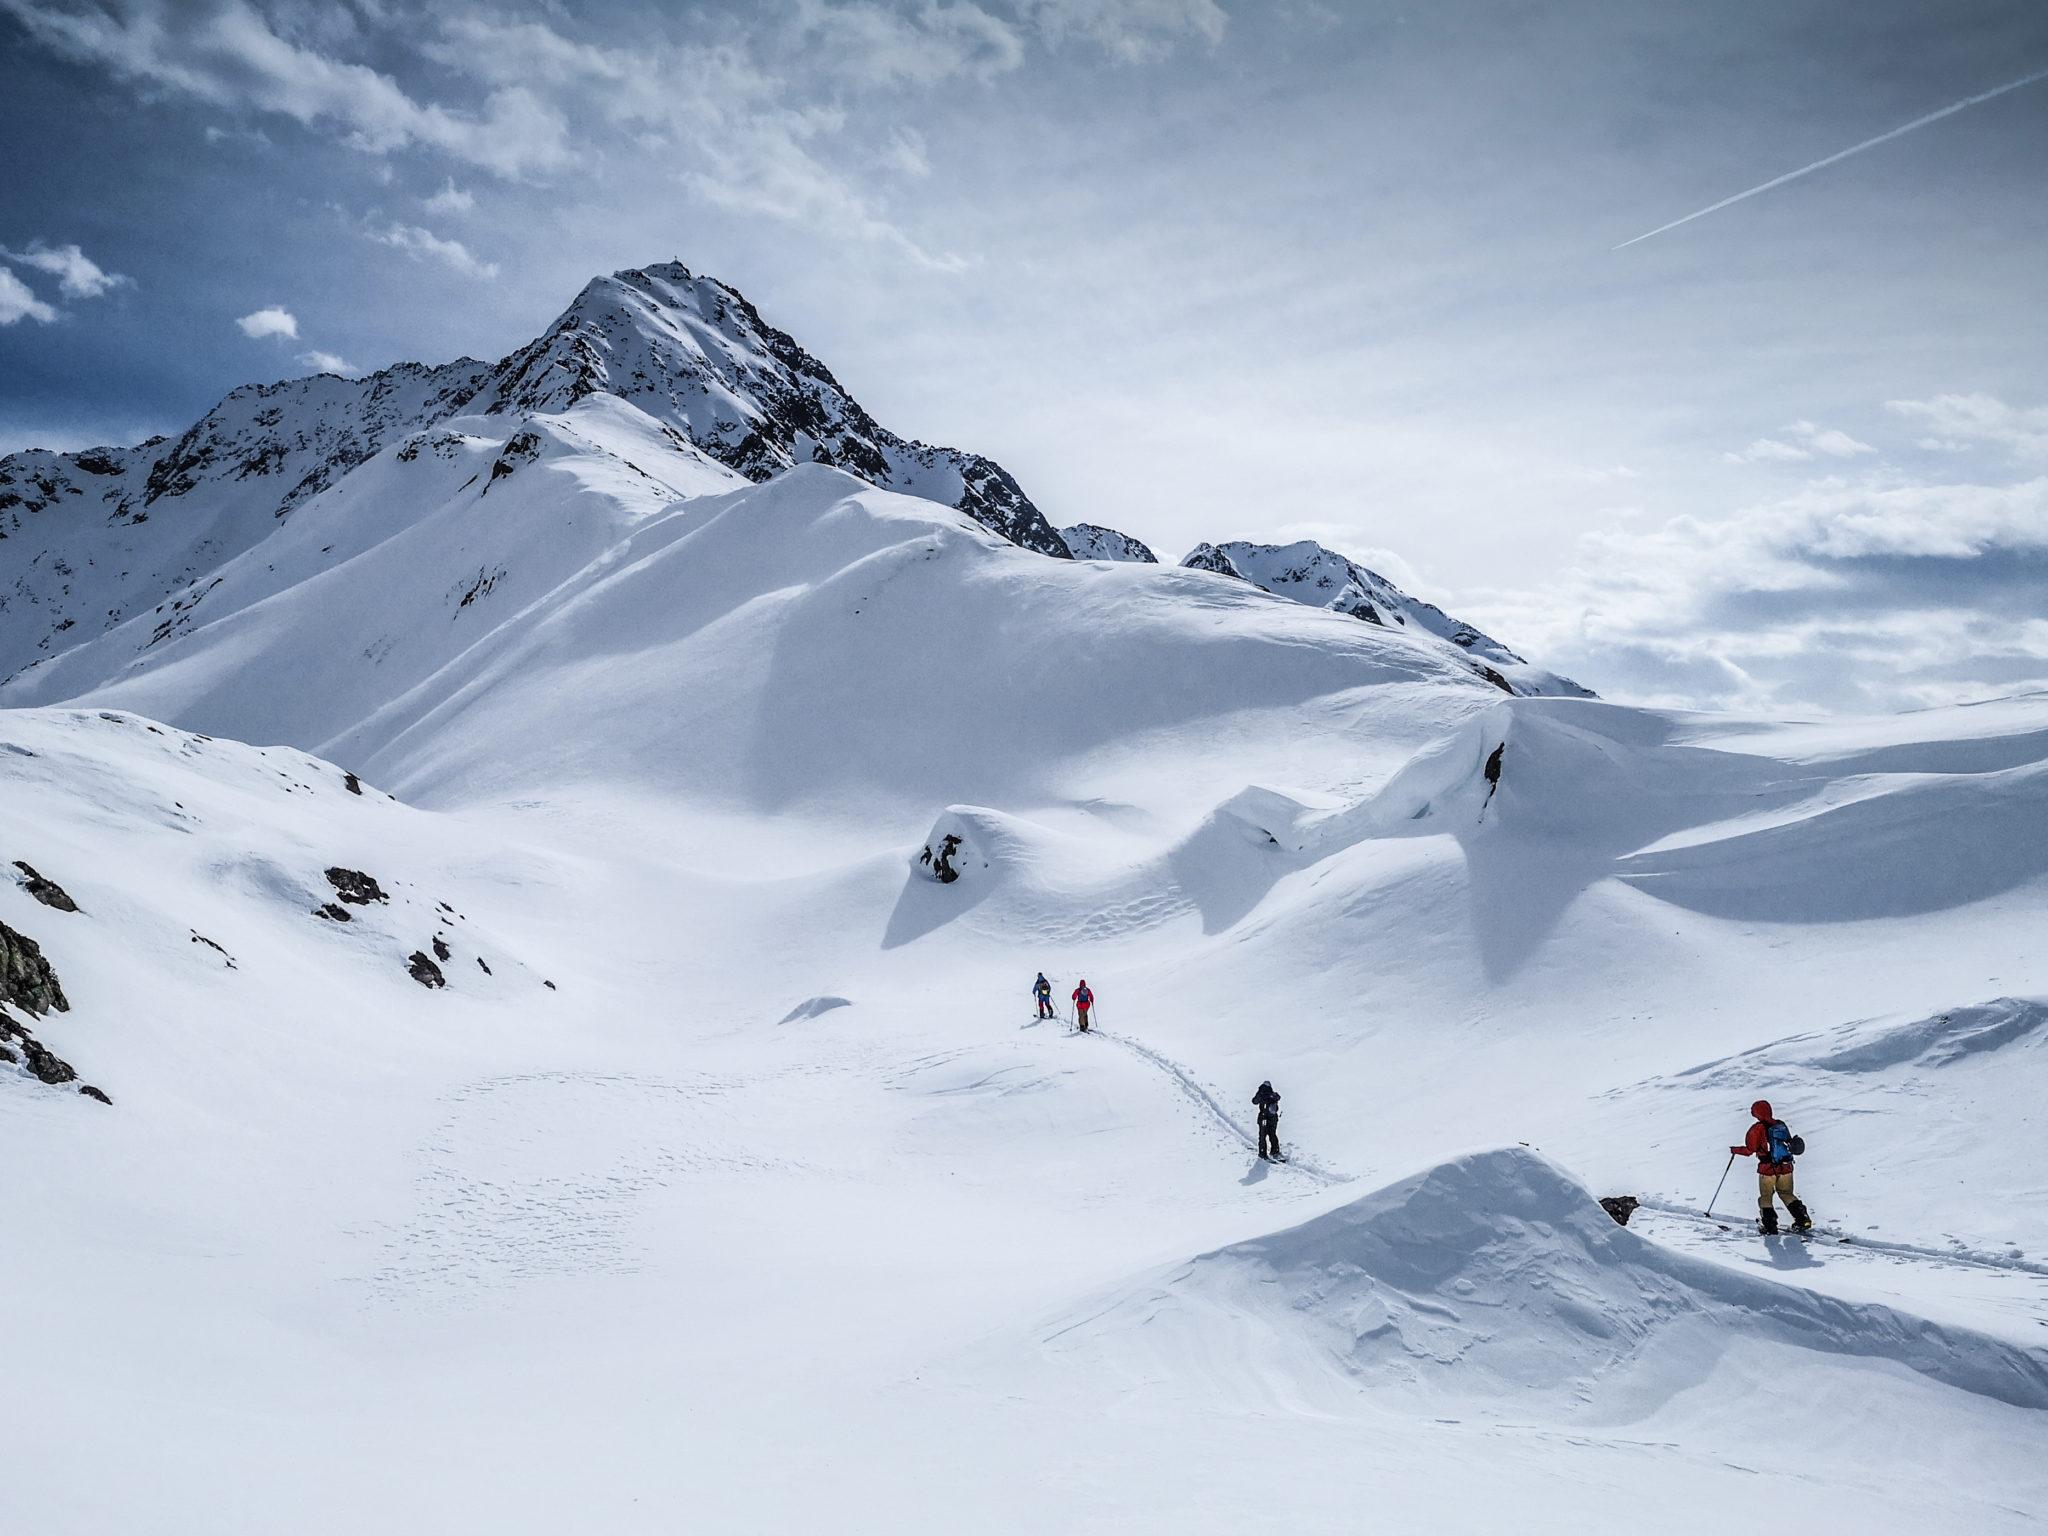 Vorarlberg beginner splitboard camp: Austria splitboarding trip